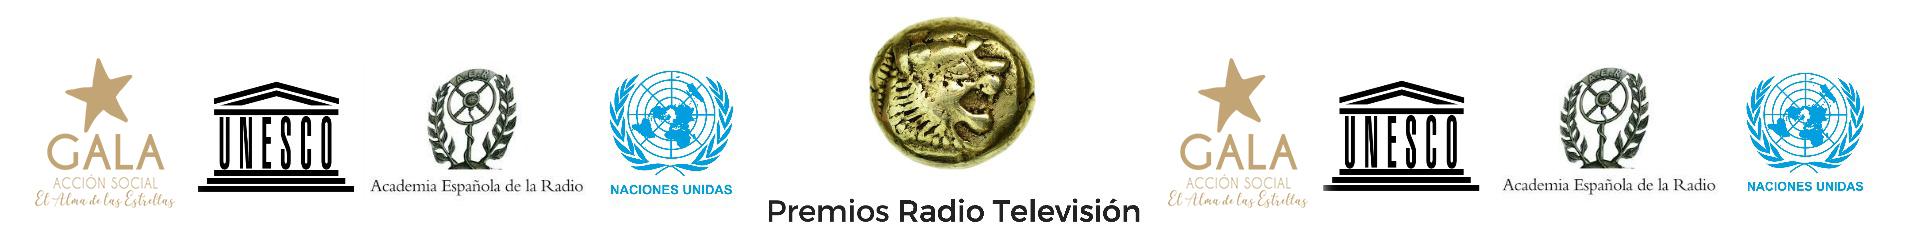 Premios Radio Televisión